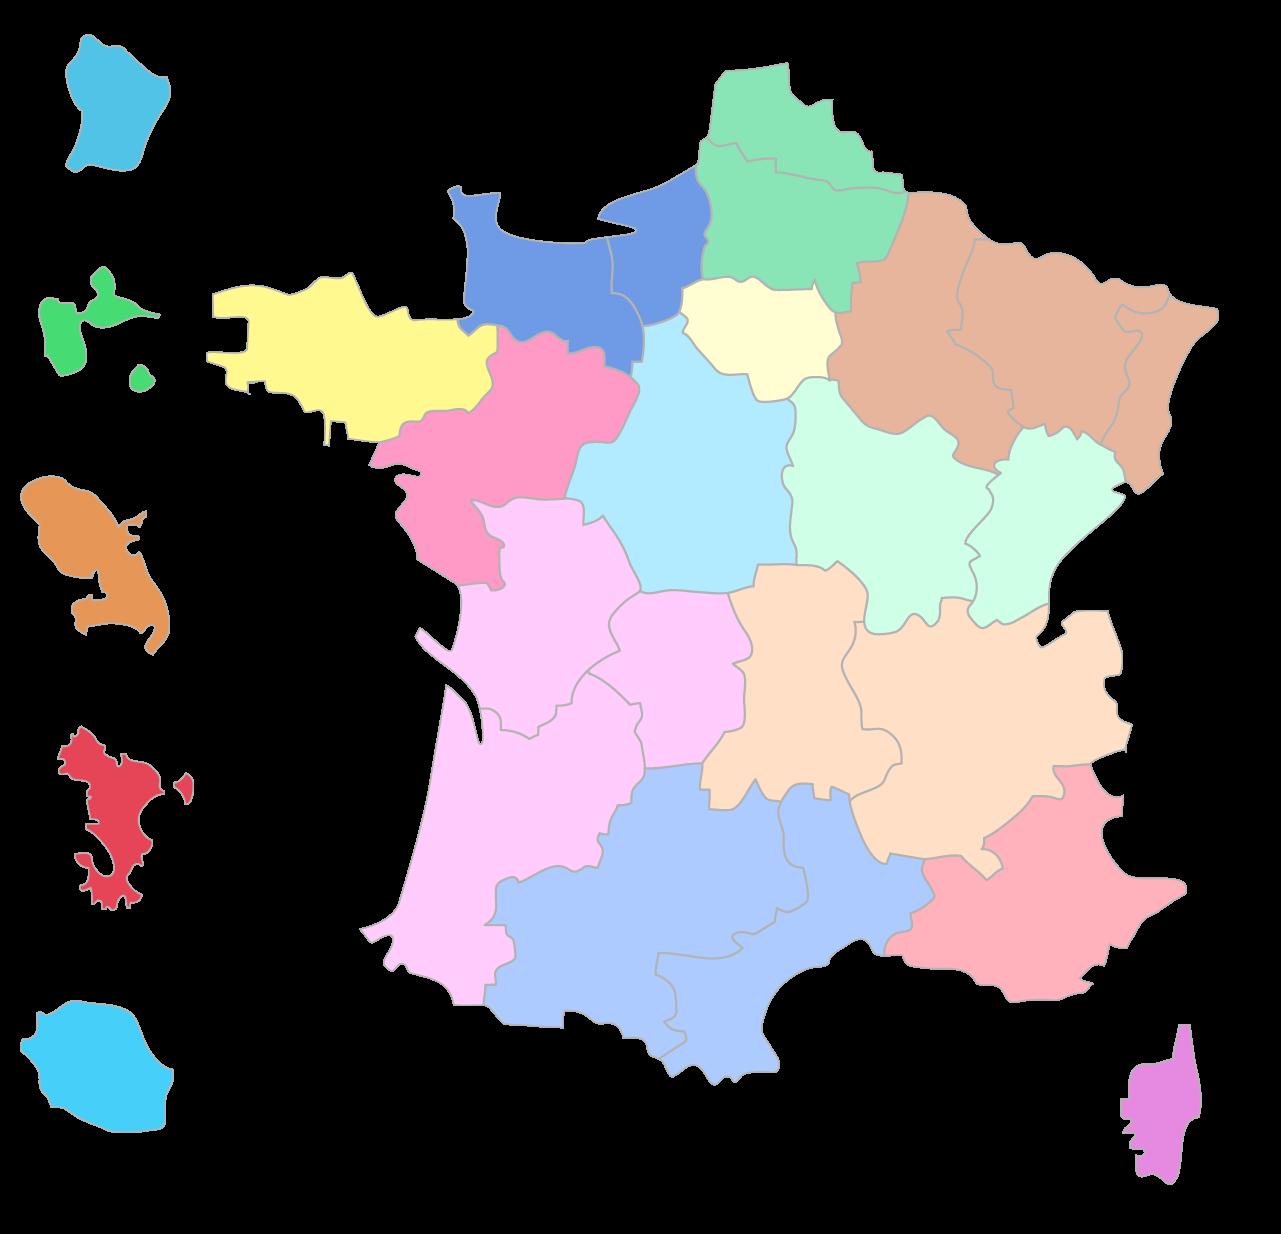 Compléter la carte des régions françaises - 3e - Exercice fondamental Géographie - Kartable